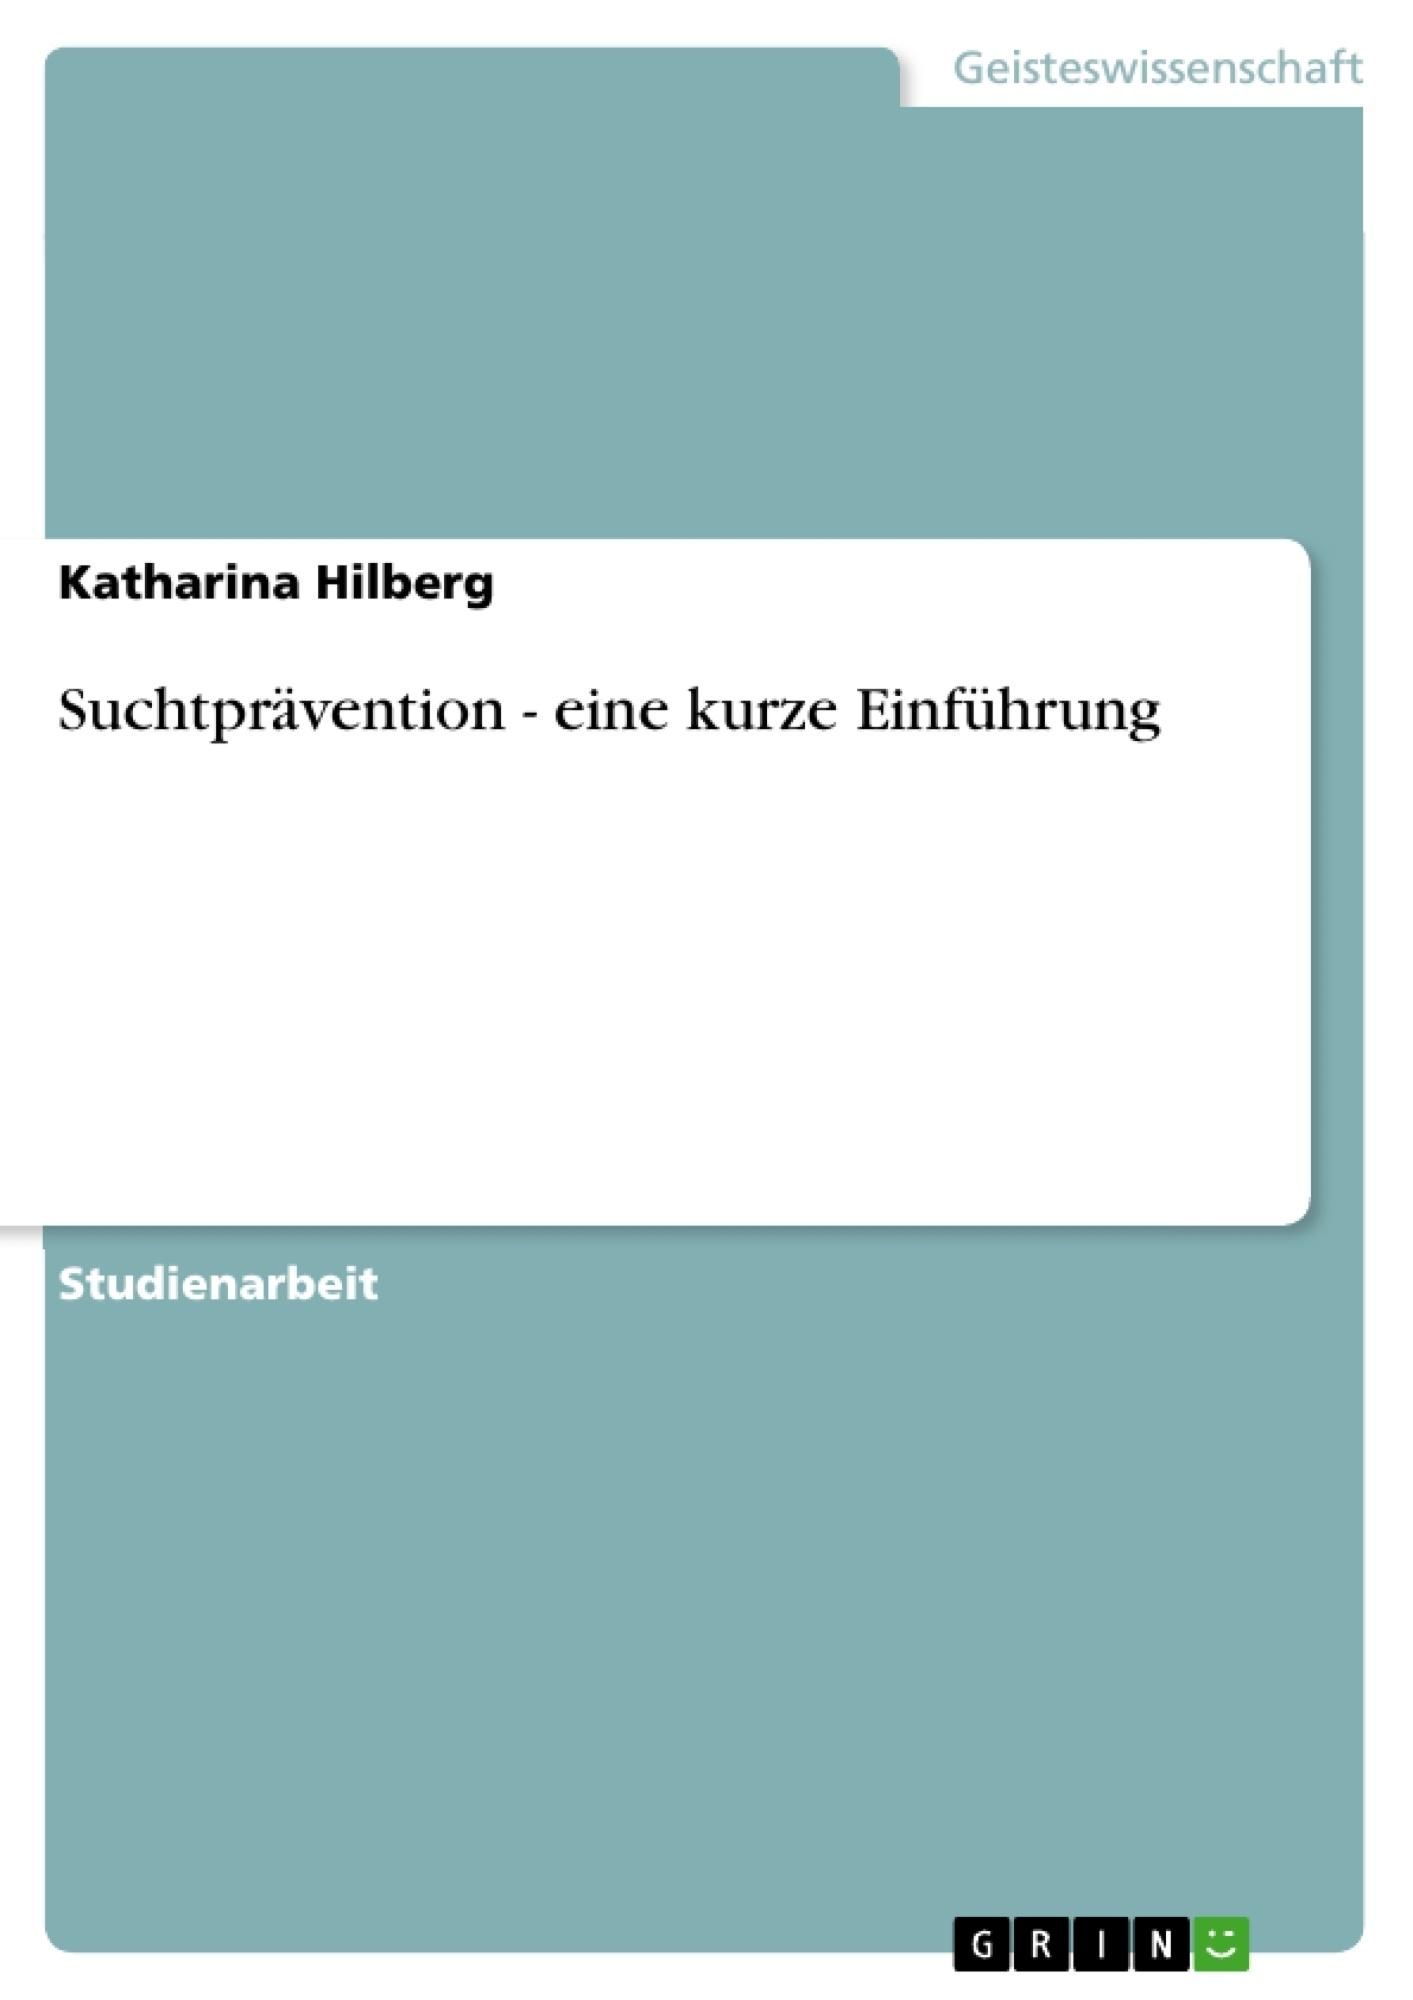 Titel: Suchtprävention - eine kurze Einführung